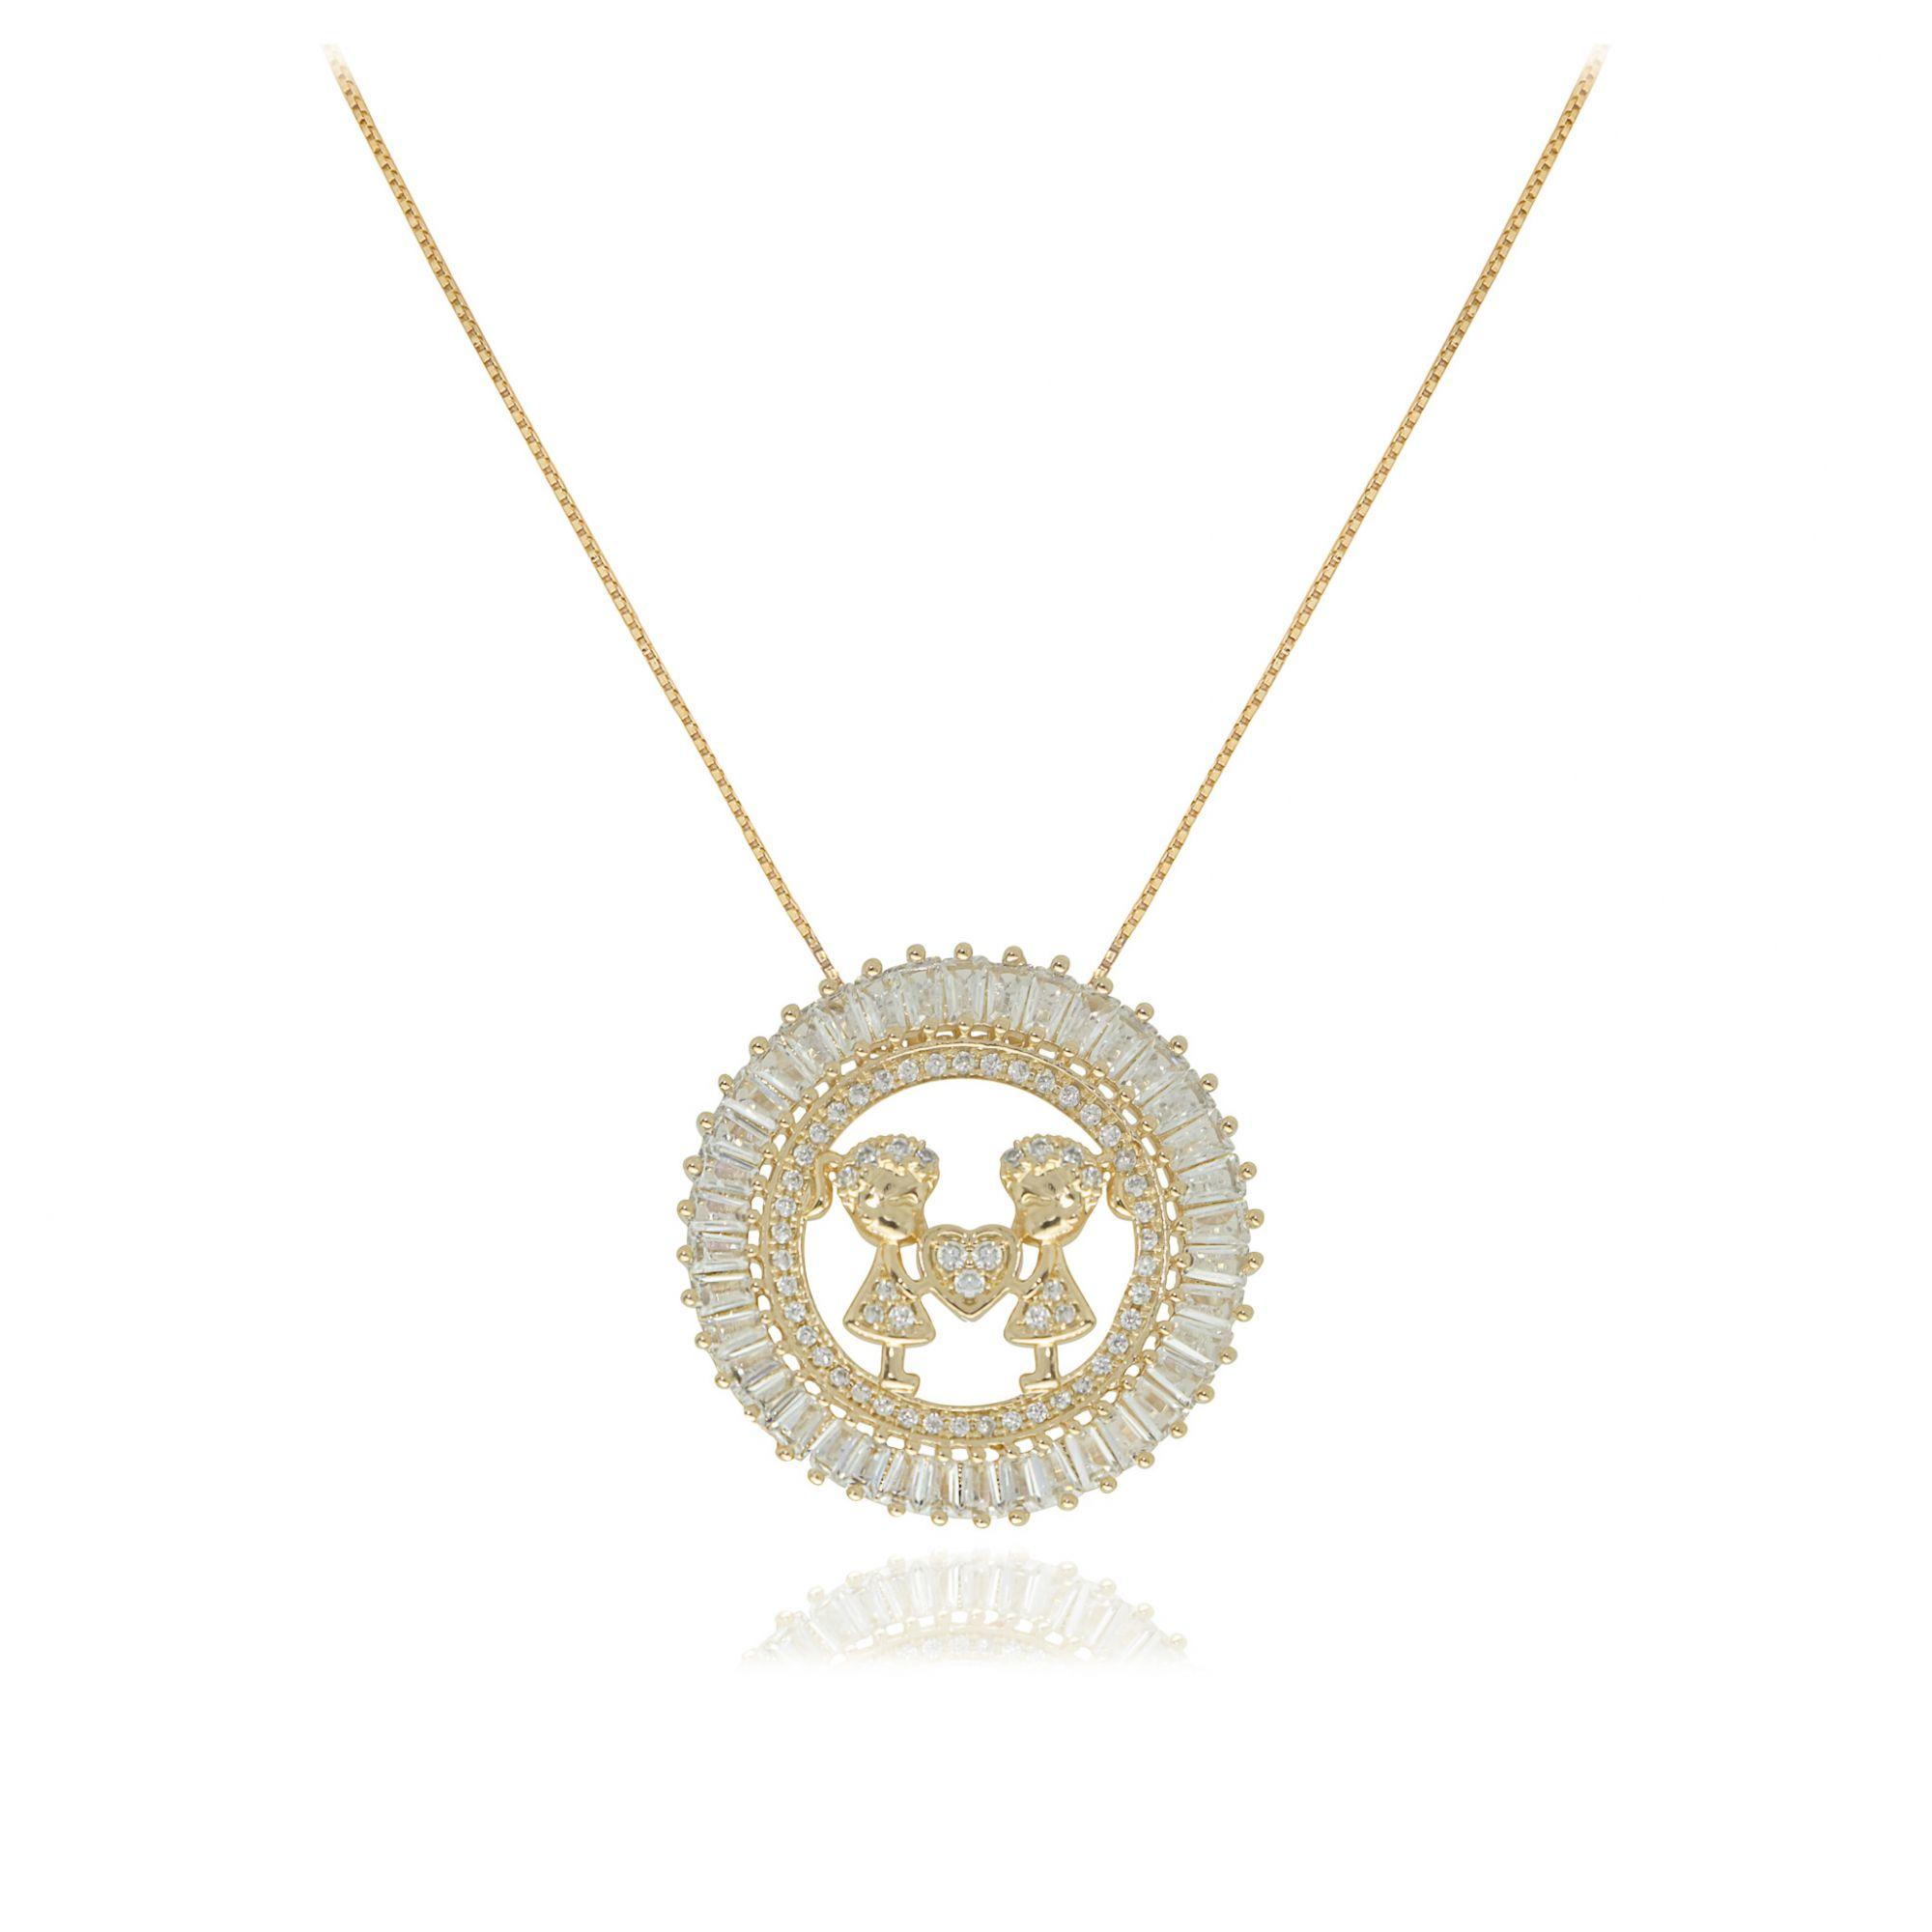 Colar mandala filhos com coração Semi joia baguettado em zircônia folheado a ouro  18k ou rhodium